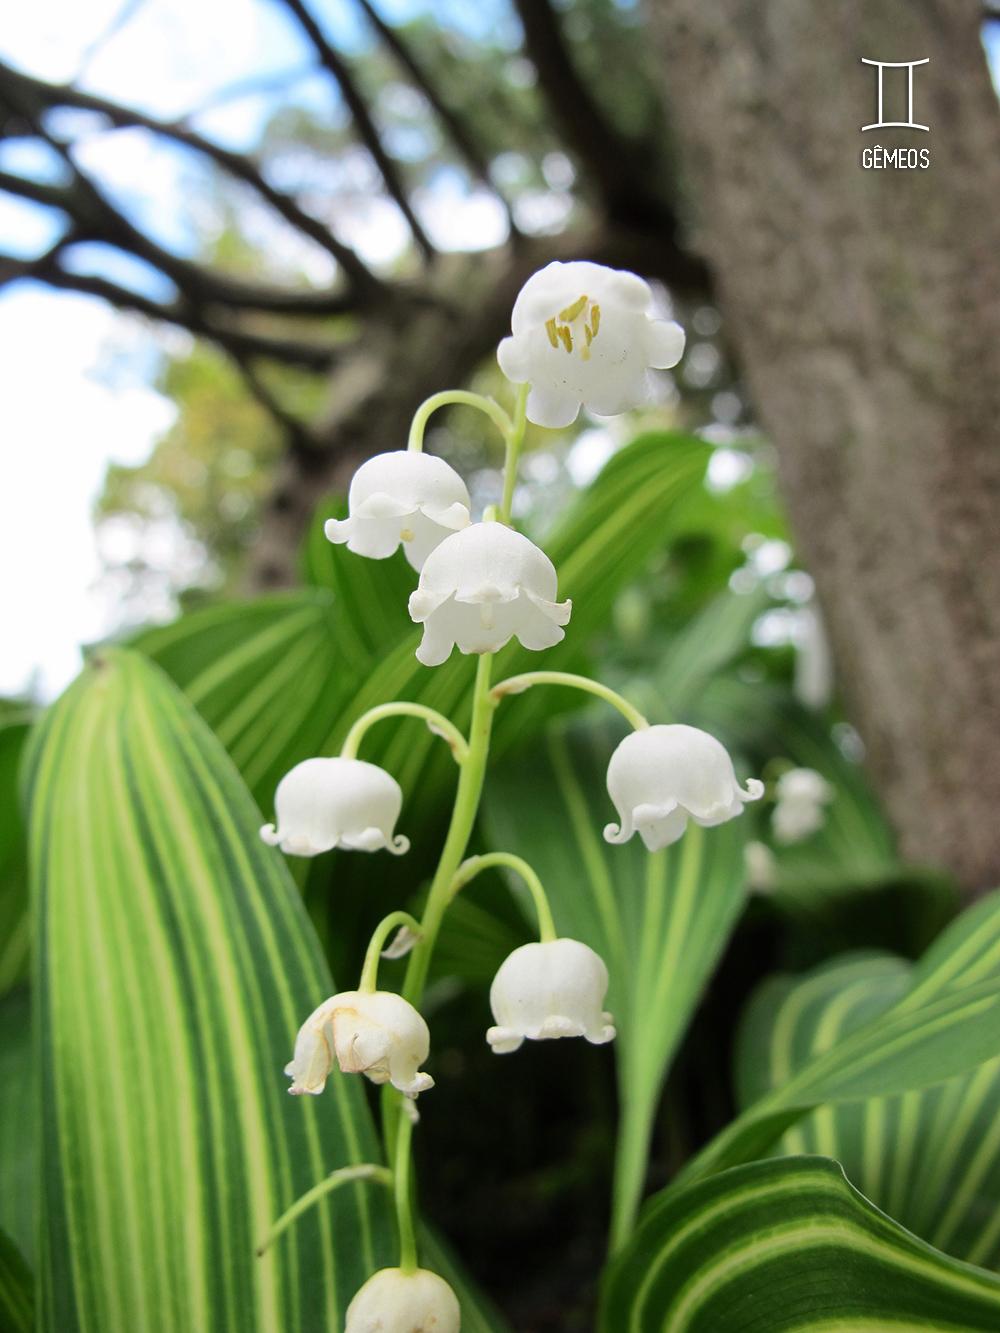 planta-dos-signos-lirio-do-vale-gemeos